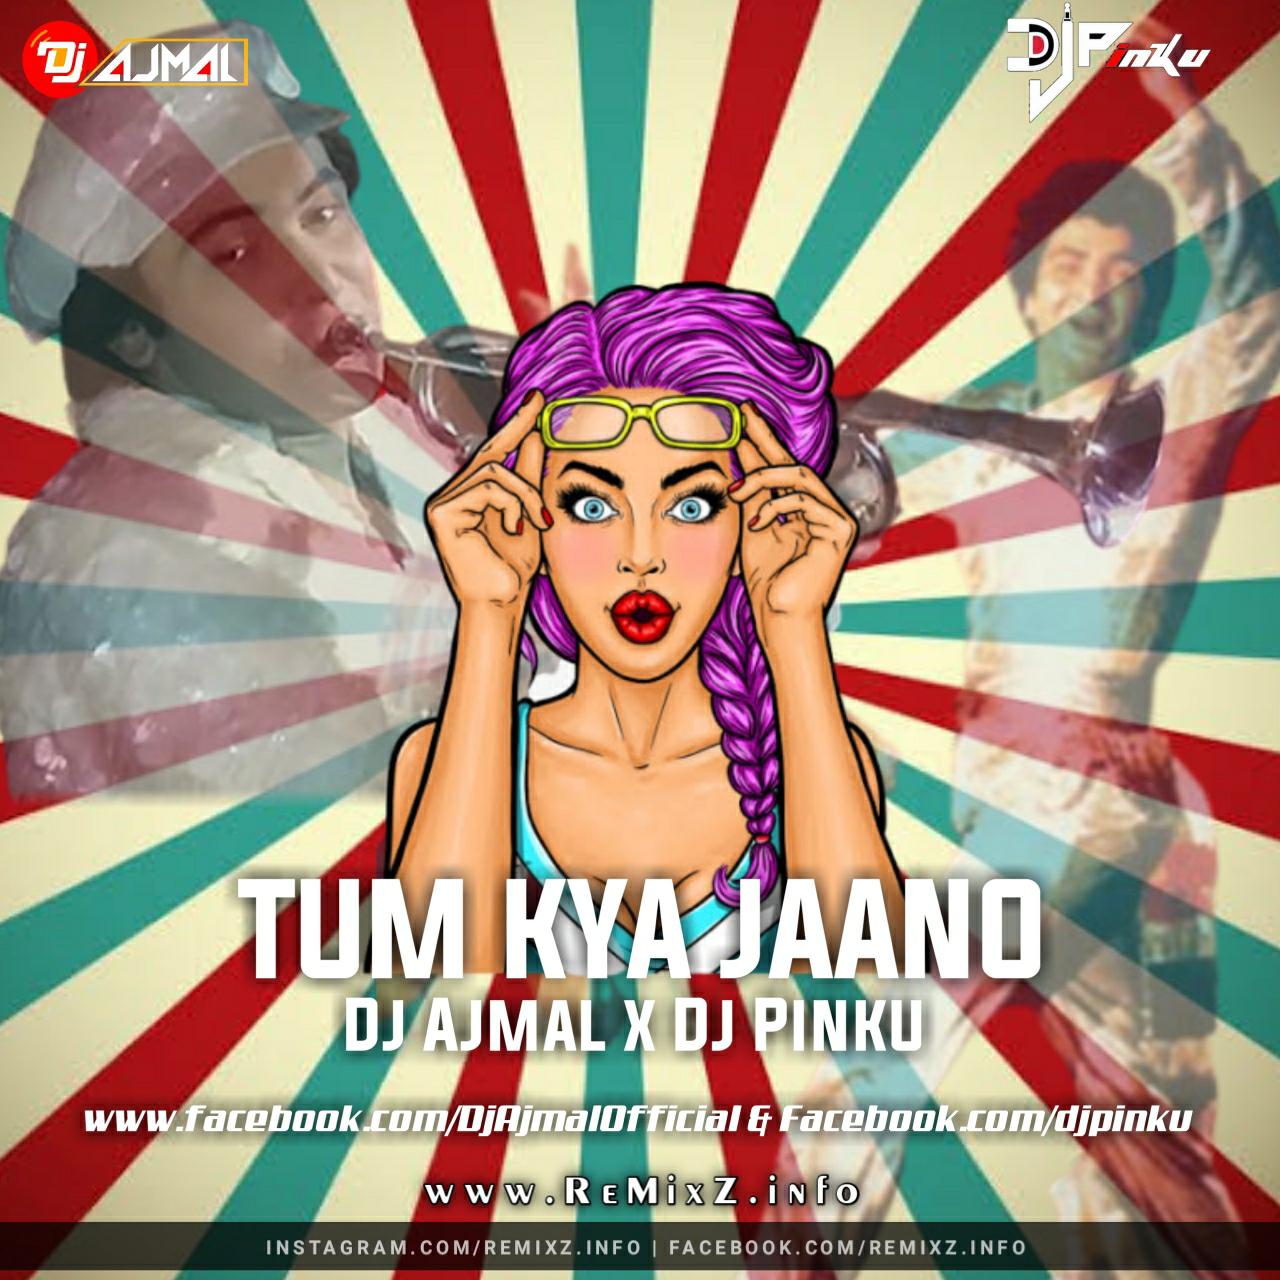 tum-kya-jaano-remix-dj-ajmal-x-dj-pinku.jpg